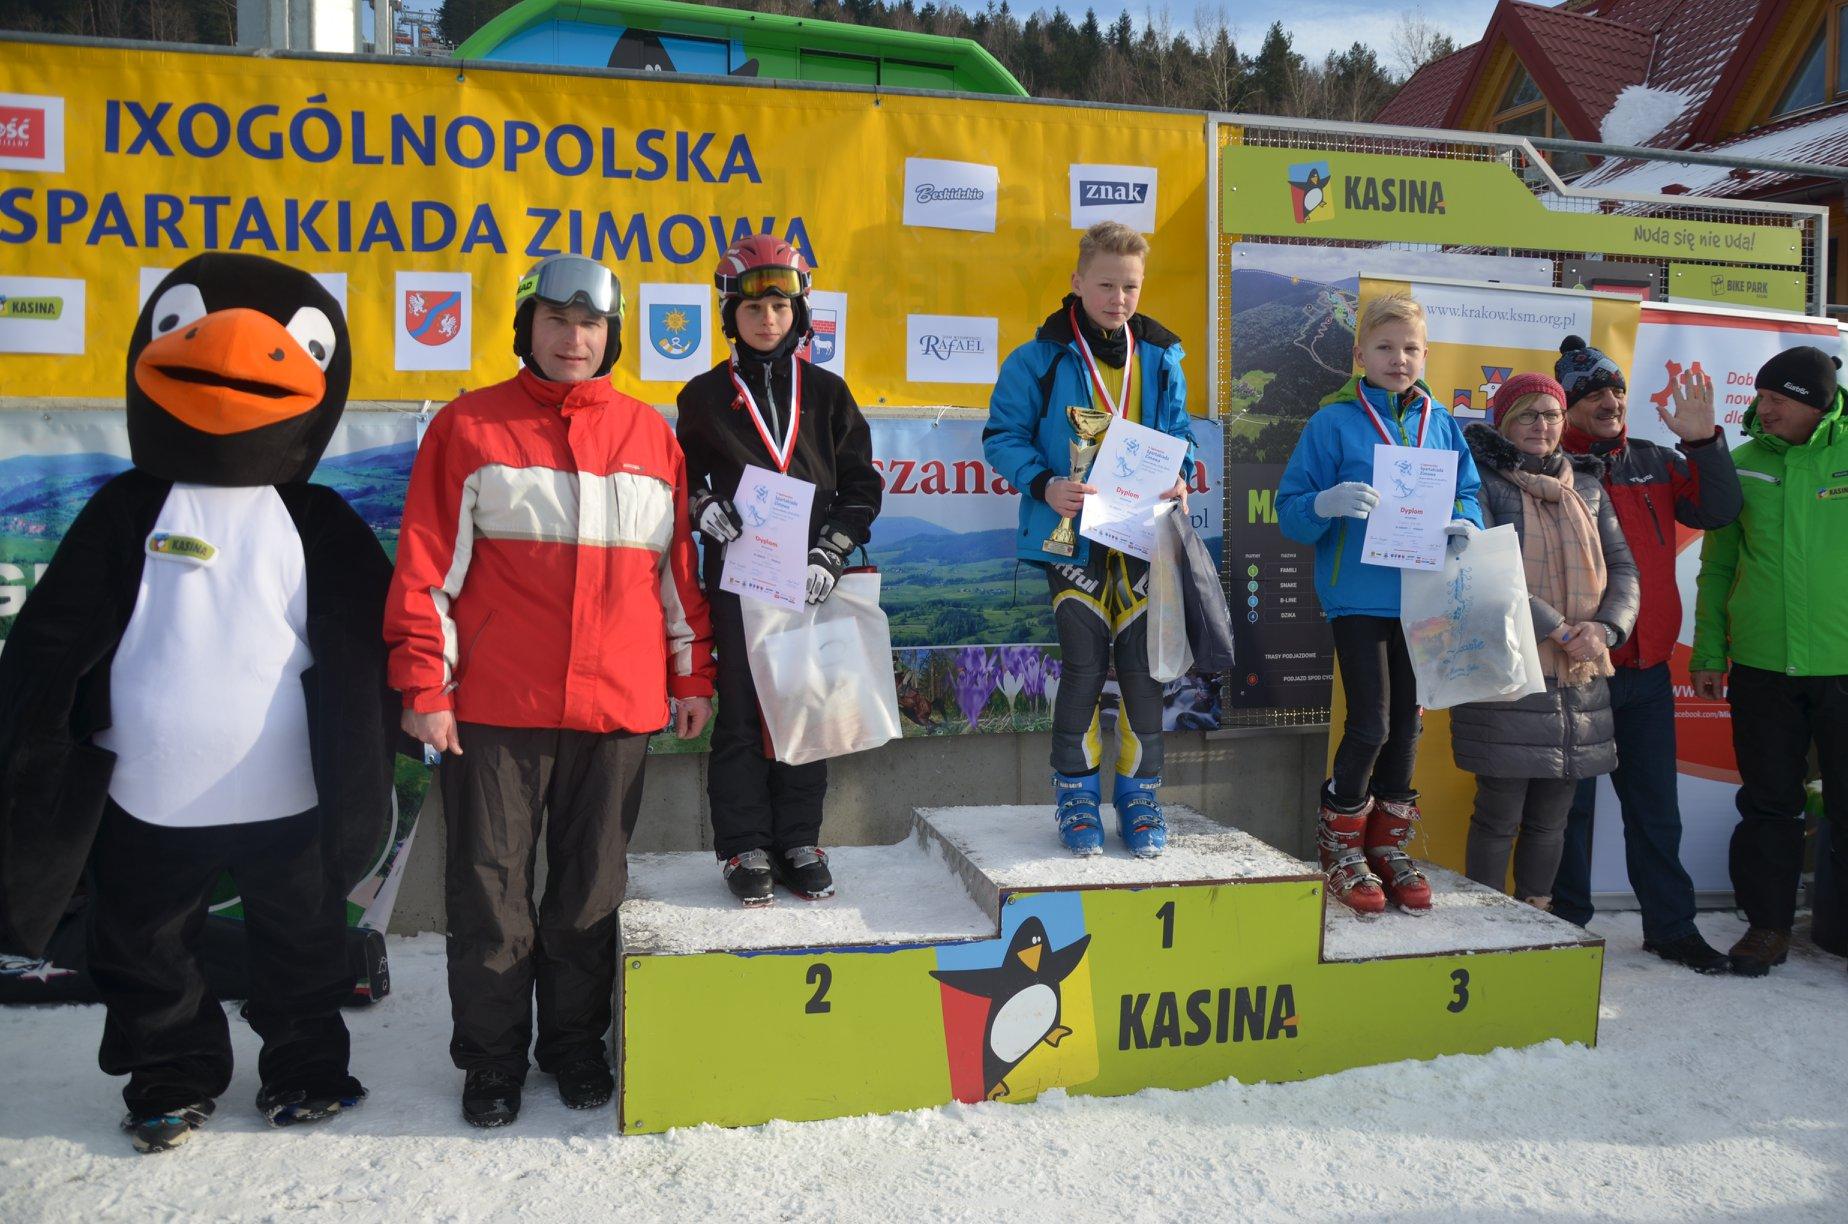 10. Ogólnopolska SparSpartakiada Zimowa w Kasinie Wielkiej - lauraci na podium zawodów